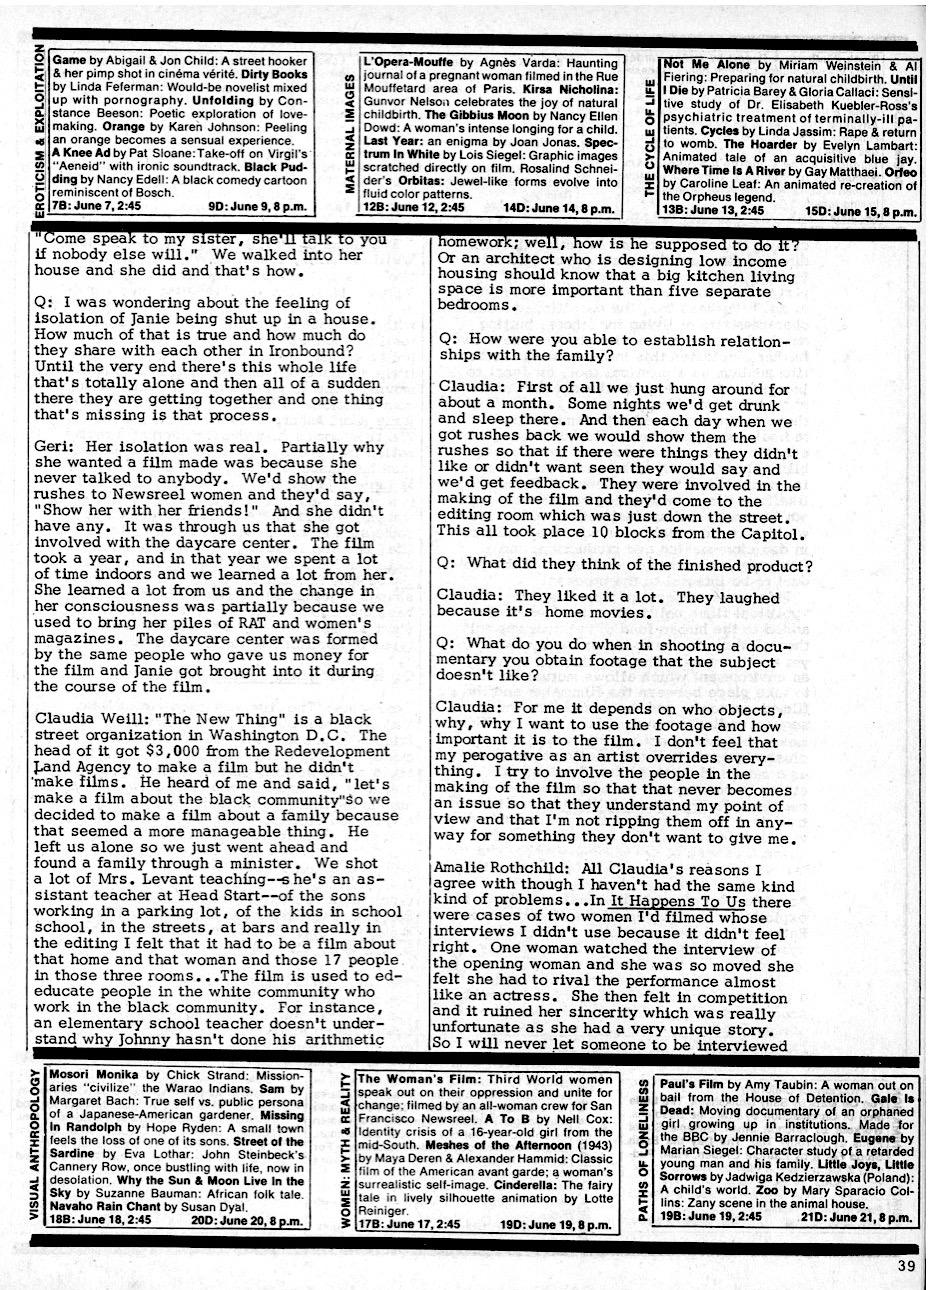 Women And Film 2 1972 P 39